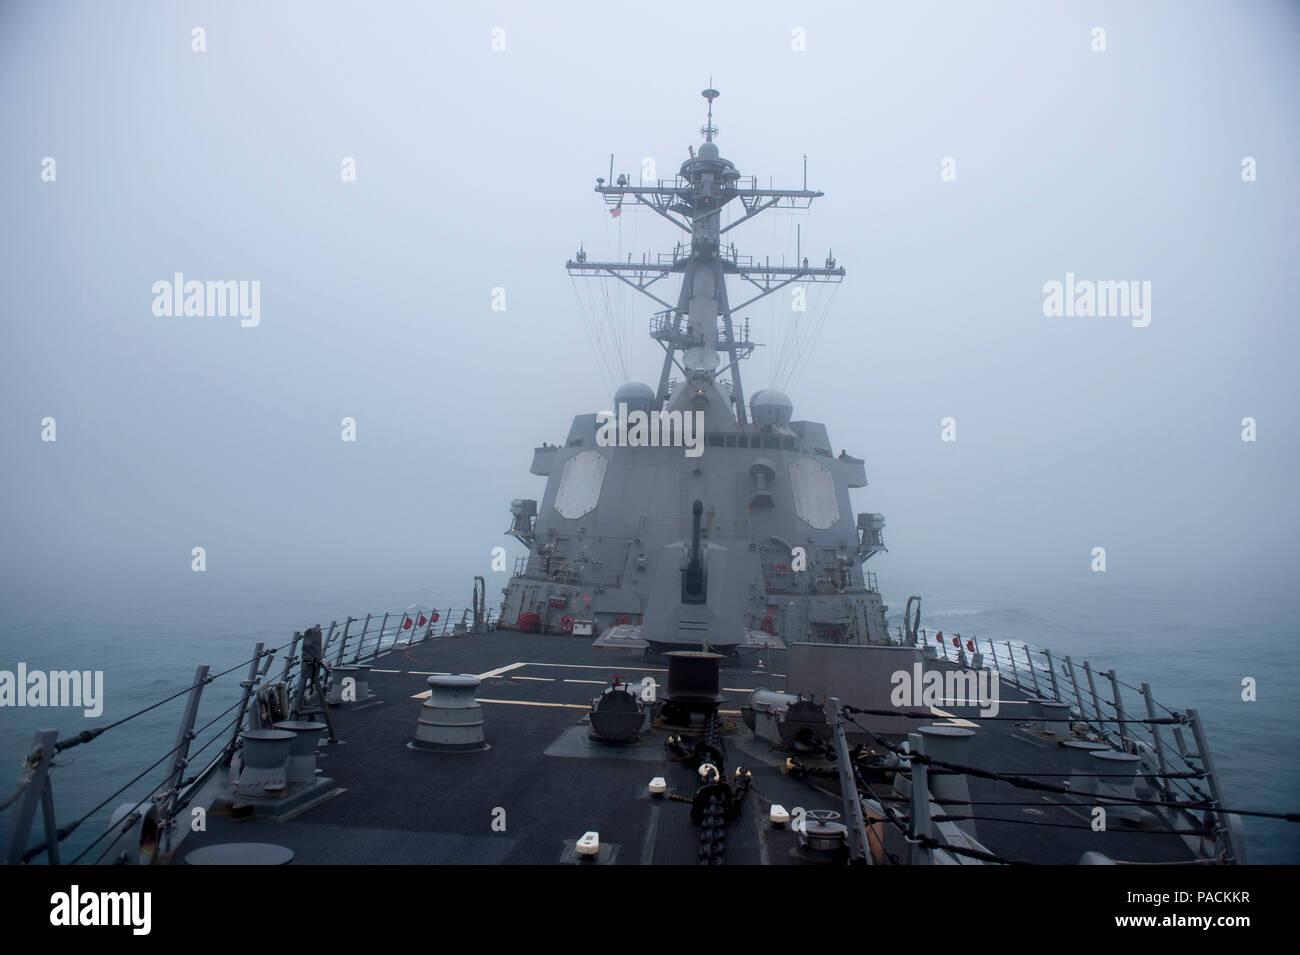 El Mar de China oriental (Mar. 18, 2016) La clase Arleigh Burke de misiles guiados destructor USS McCampbell (DDG 85) transita el mar cubierto de niebla. McCampbell es en patrullas de la séptima Flota de la zona de operaciones en apoyo de la seguridad y la estabilidad en la Indo-Asia-Pacífico. (Ee.Uu. Navy photo by Mass Communication Specialist 2nd Class Bryan Jackson/liberado) Foto de stock